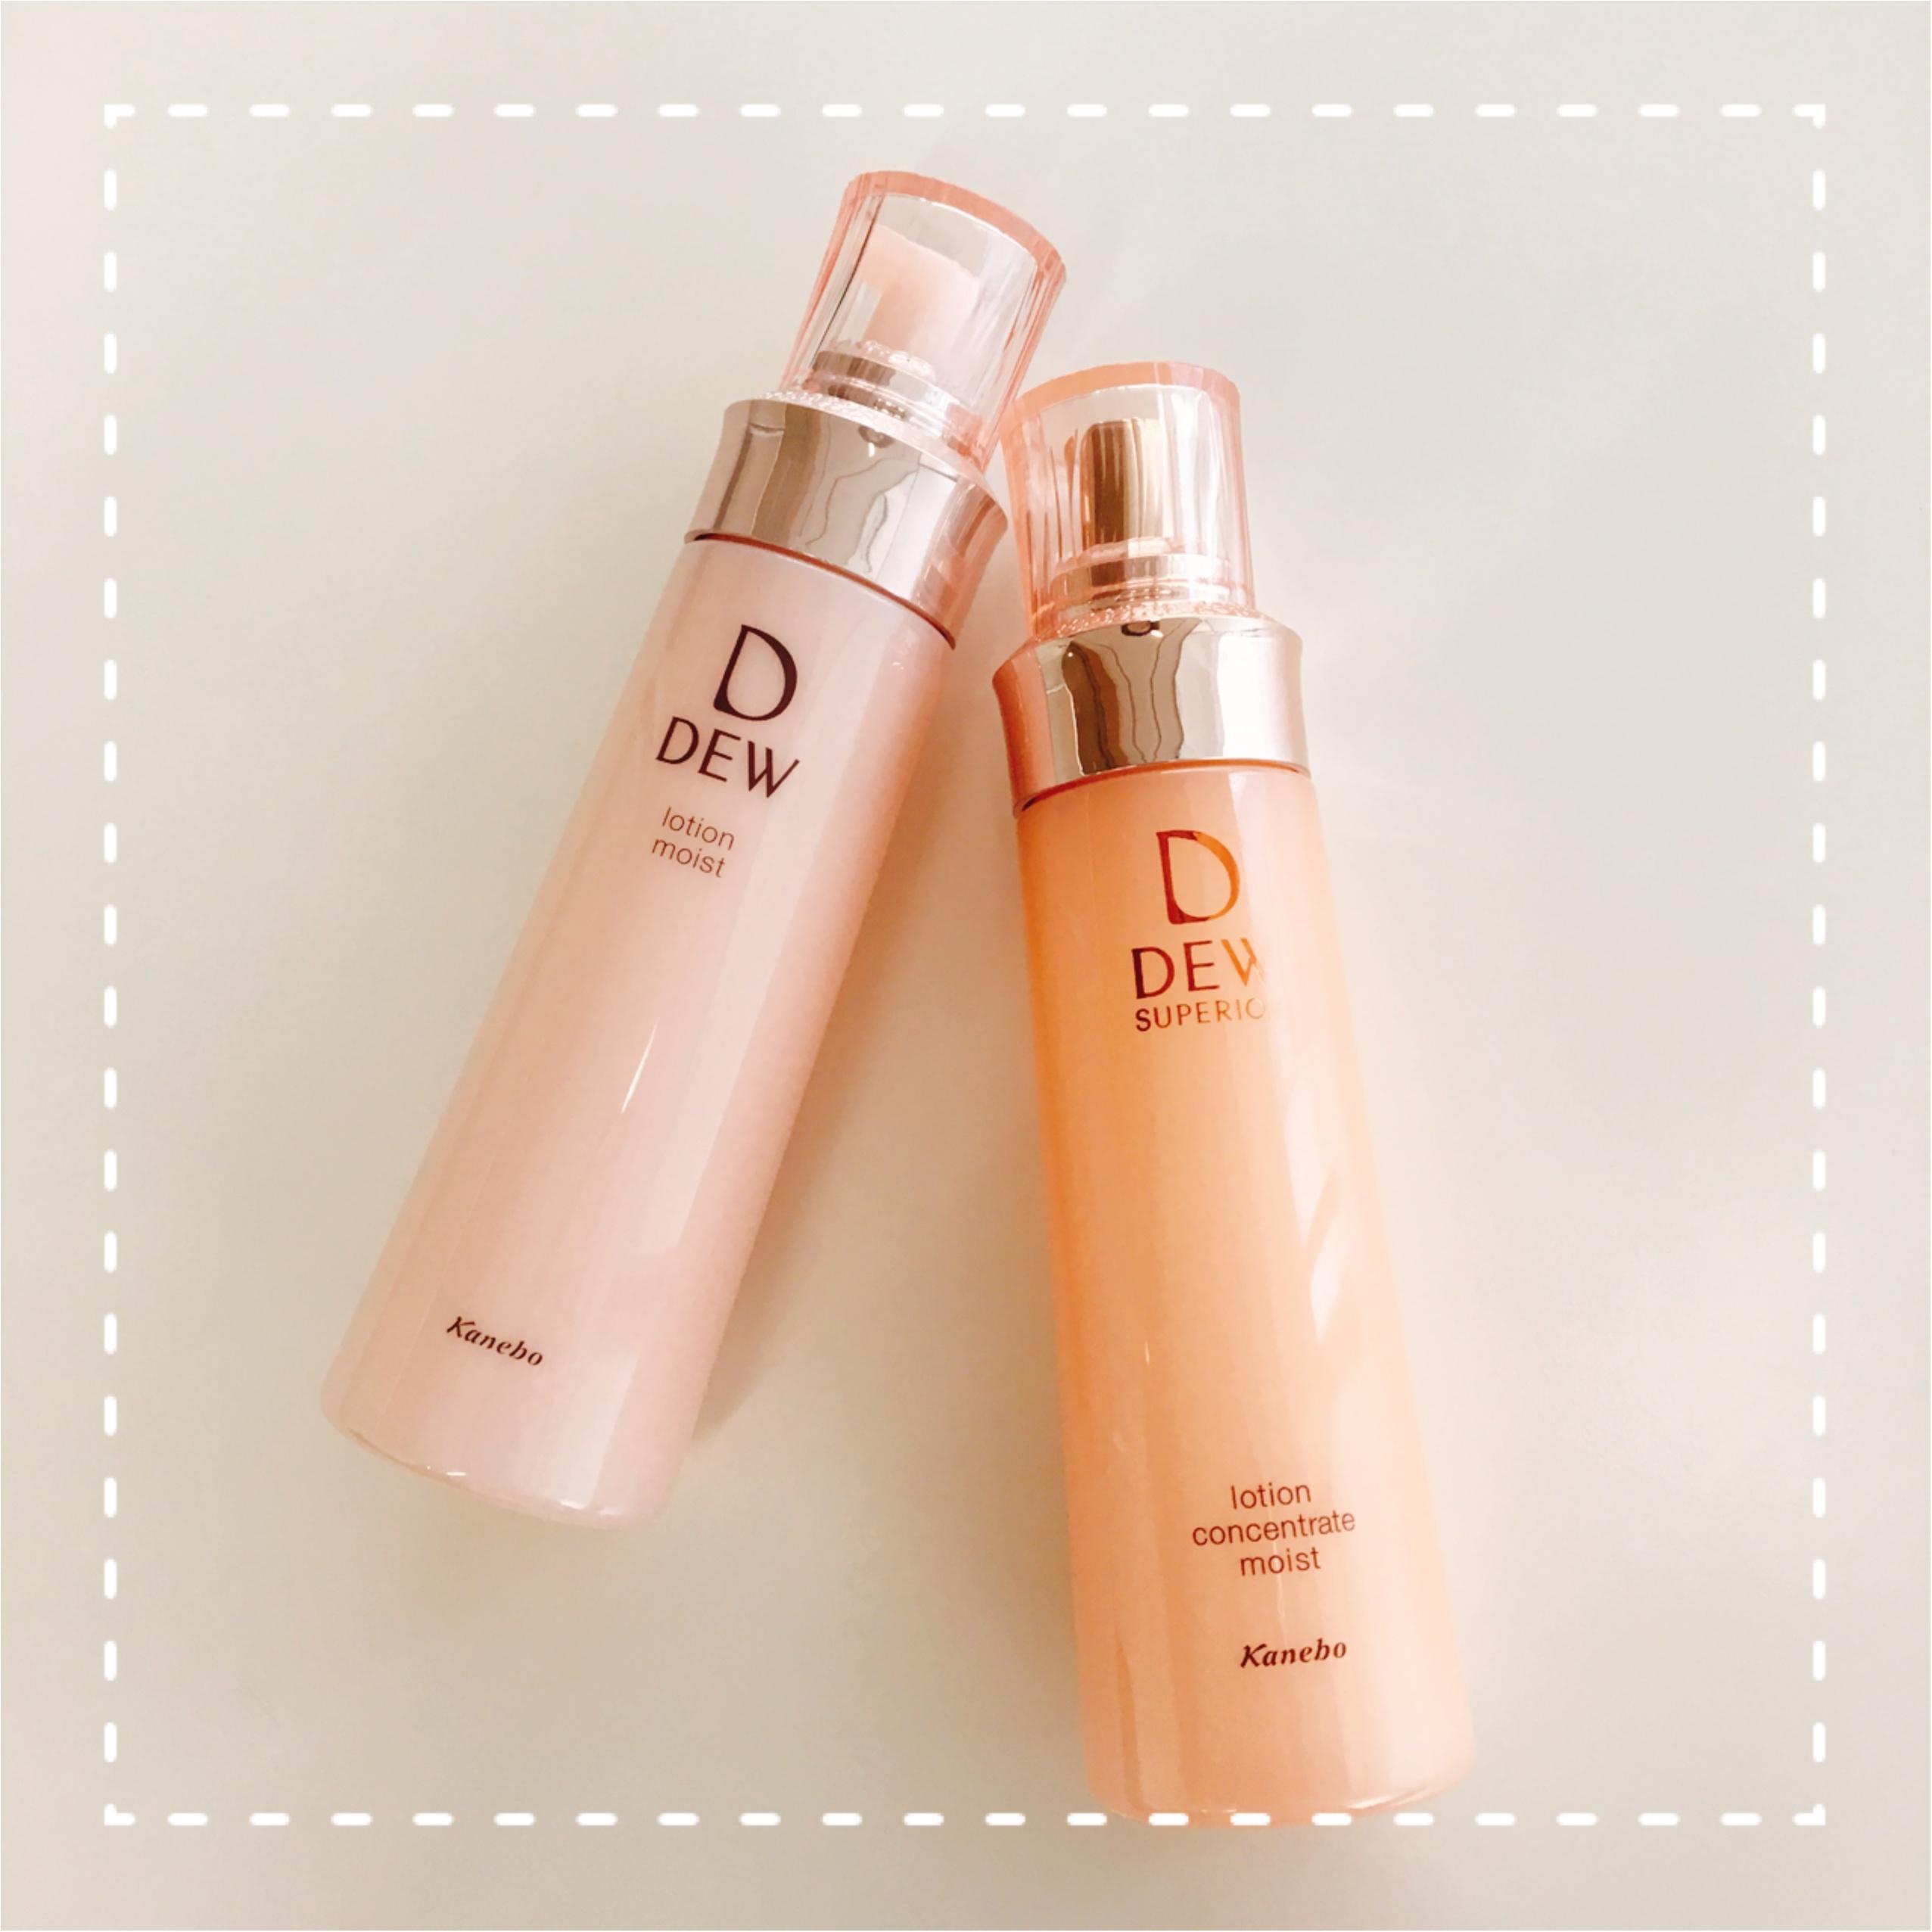 あなたがほしいのは【やわ肌】or【ハリ肌】? なりたい肌に合わせて化粧水を選ぶ♡_1